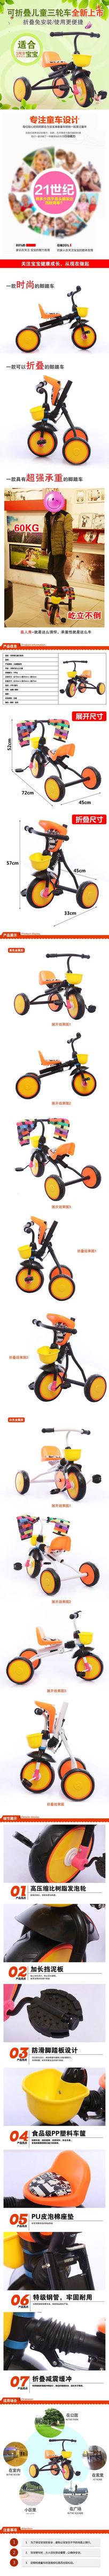 淘宝天猫儿童玩具车详情页设计